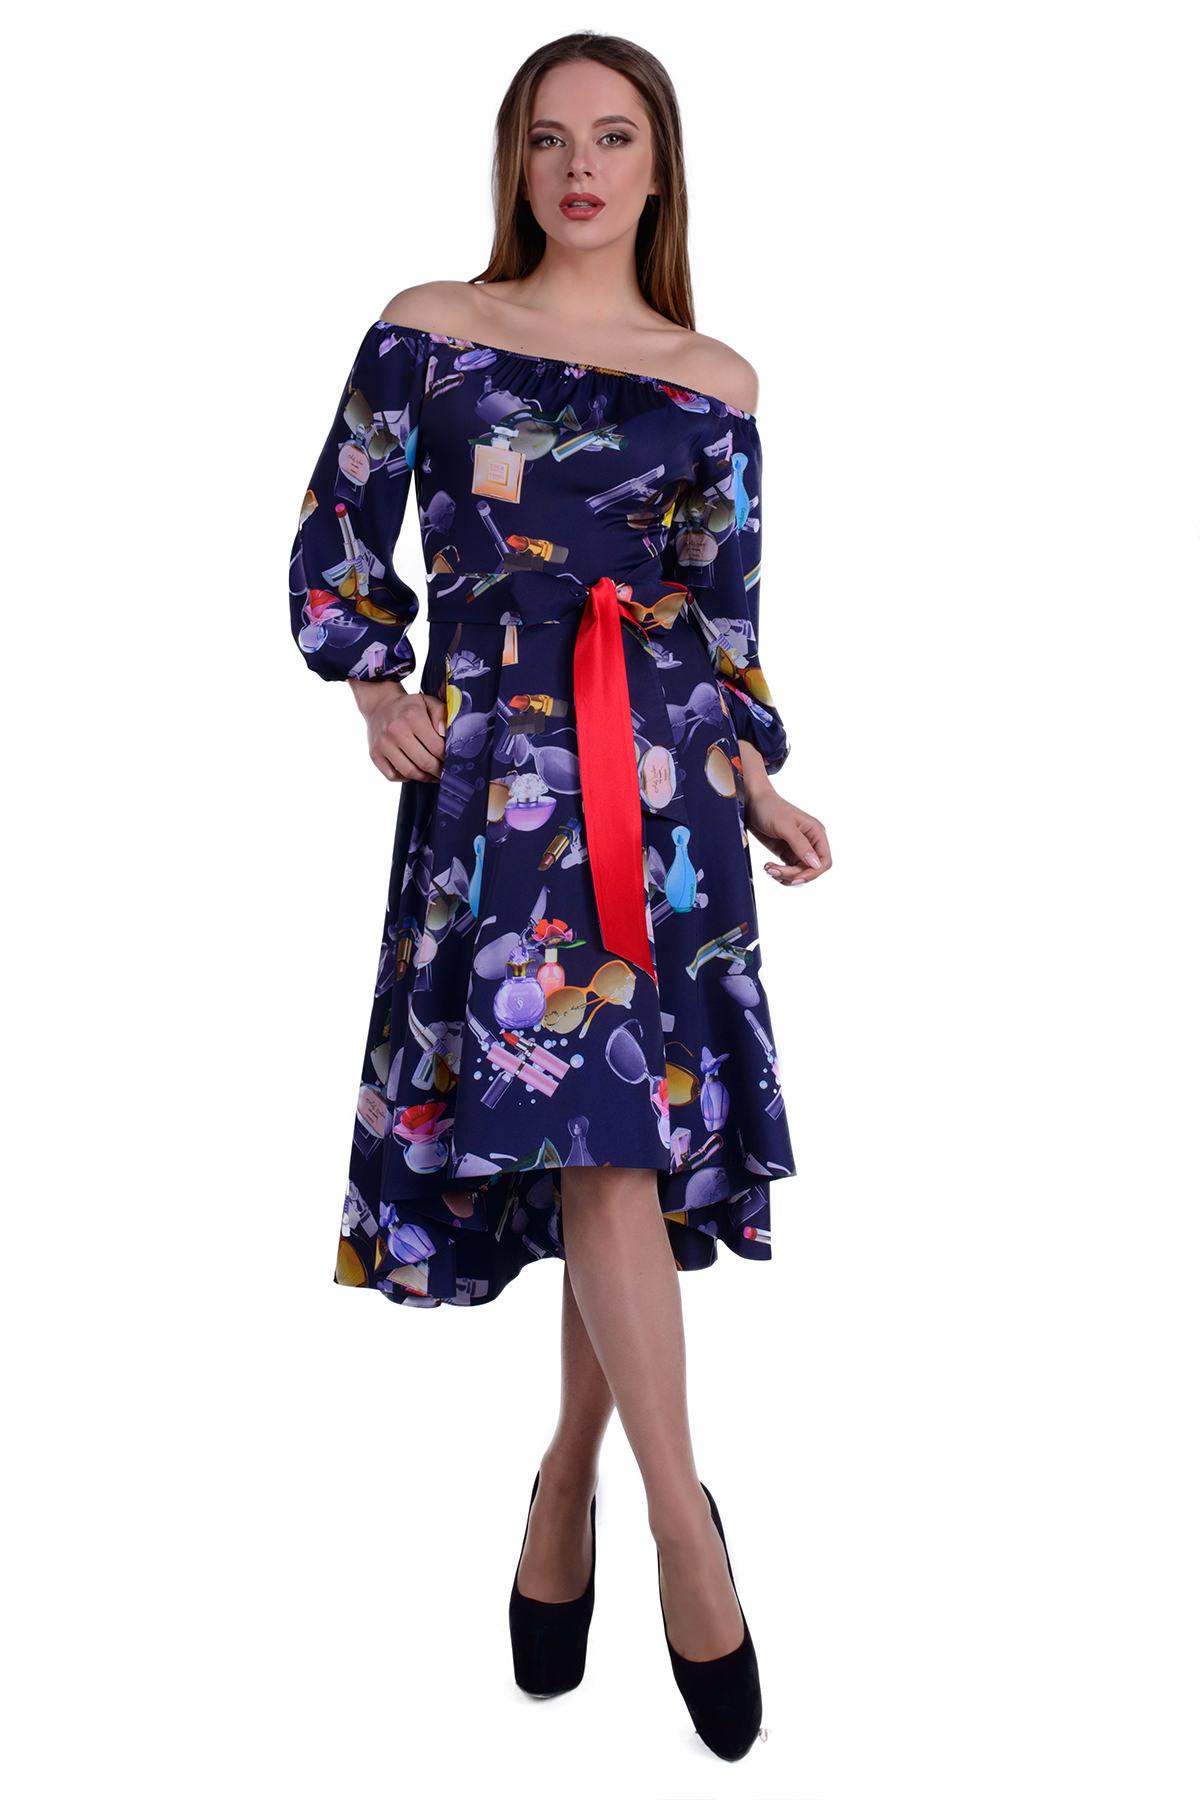 Купить оптом трикотажные платья в Украине Платье Мэрлин 19